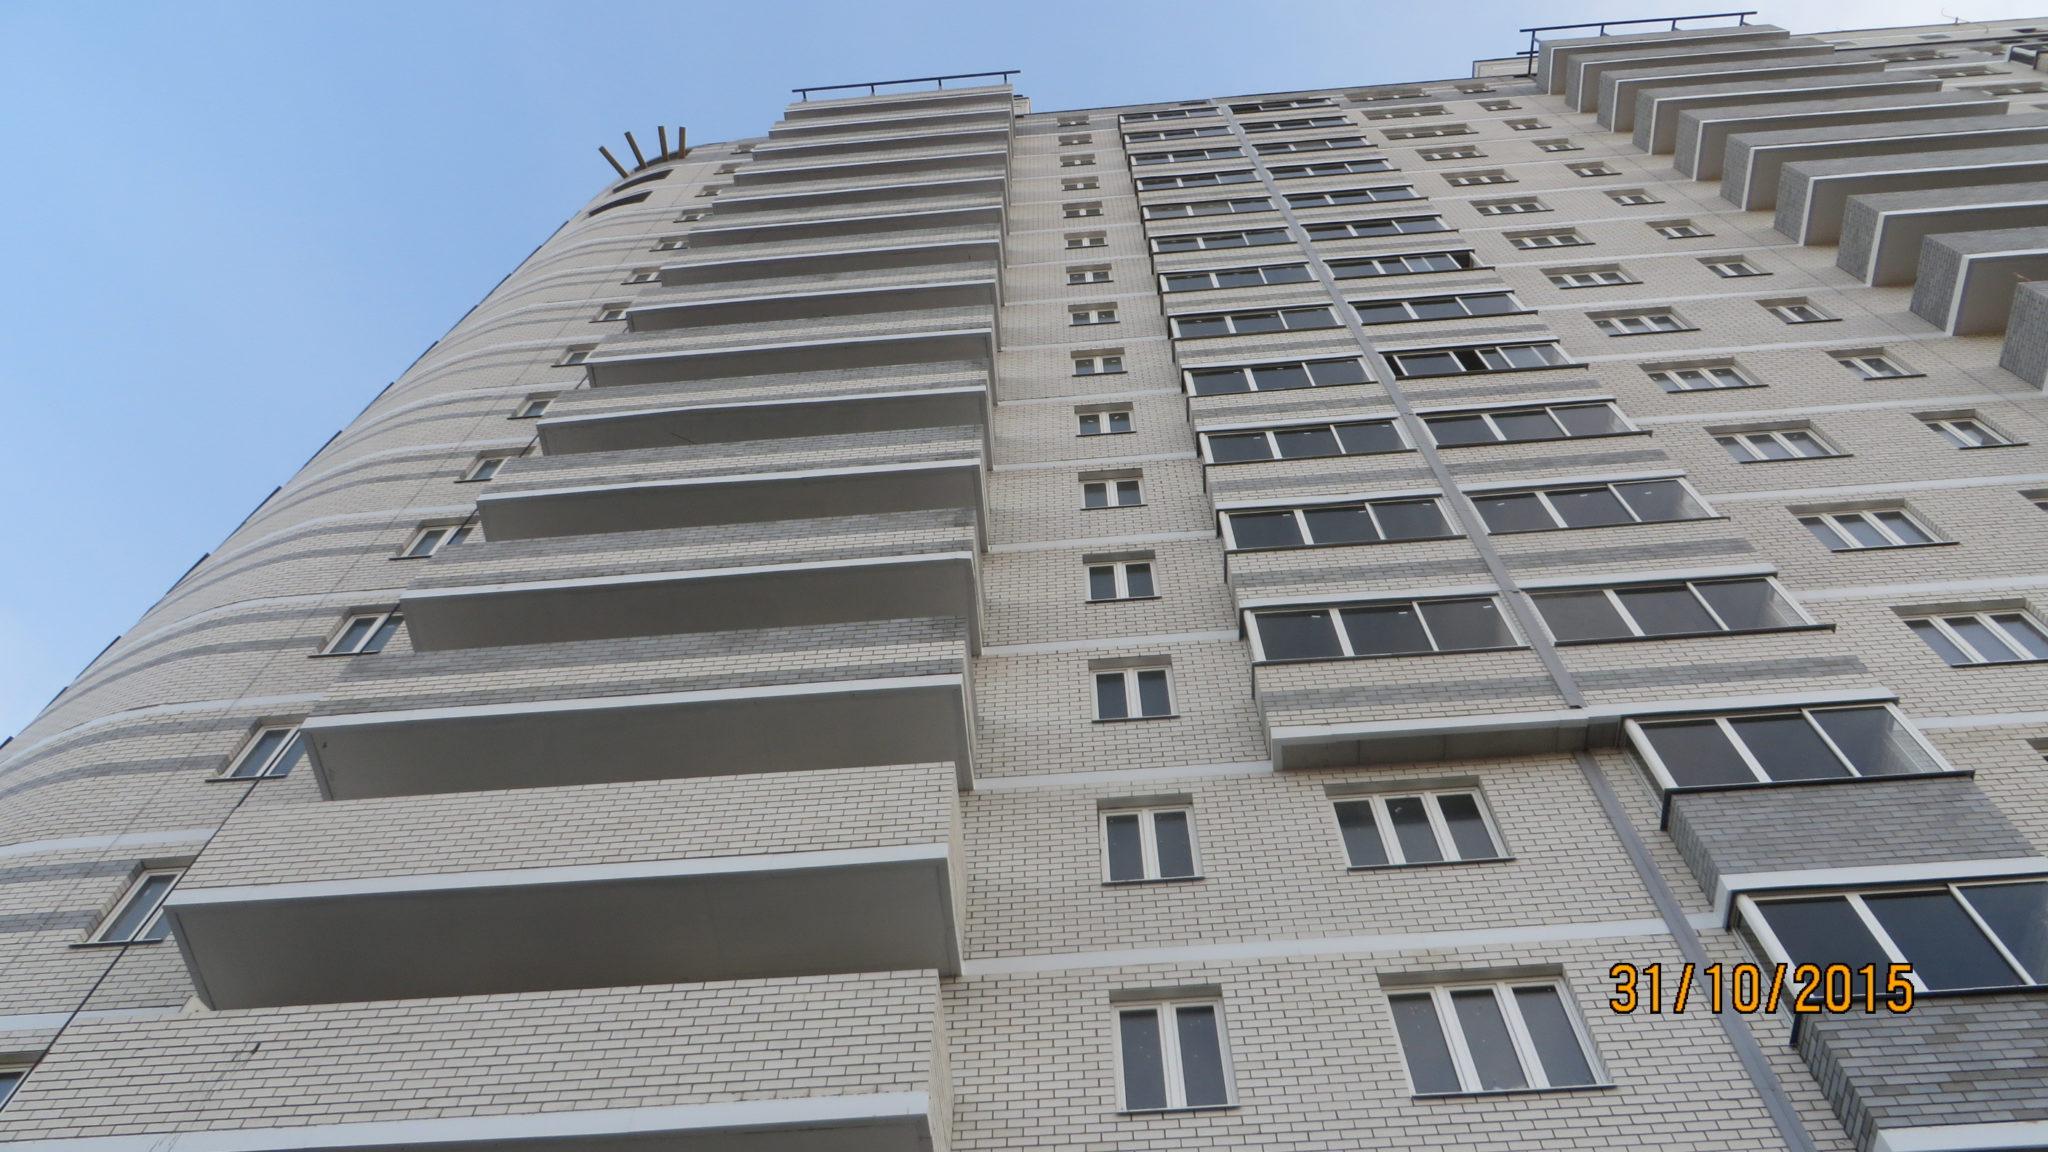 Фотографии домов по улице Макаренко г. Тулы. ООО МАКстрой